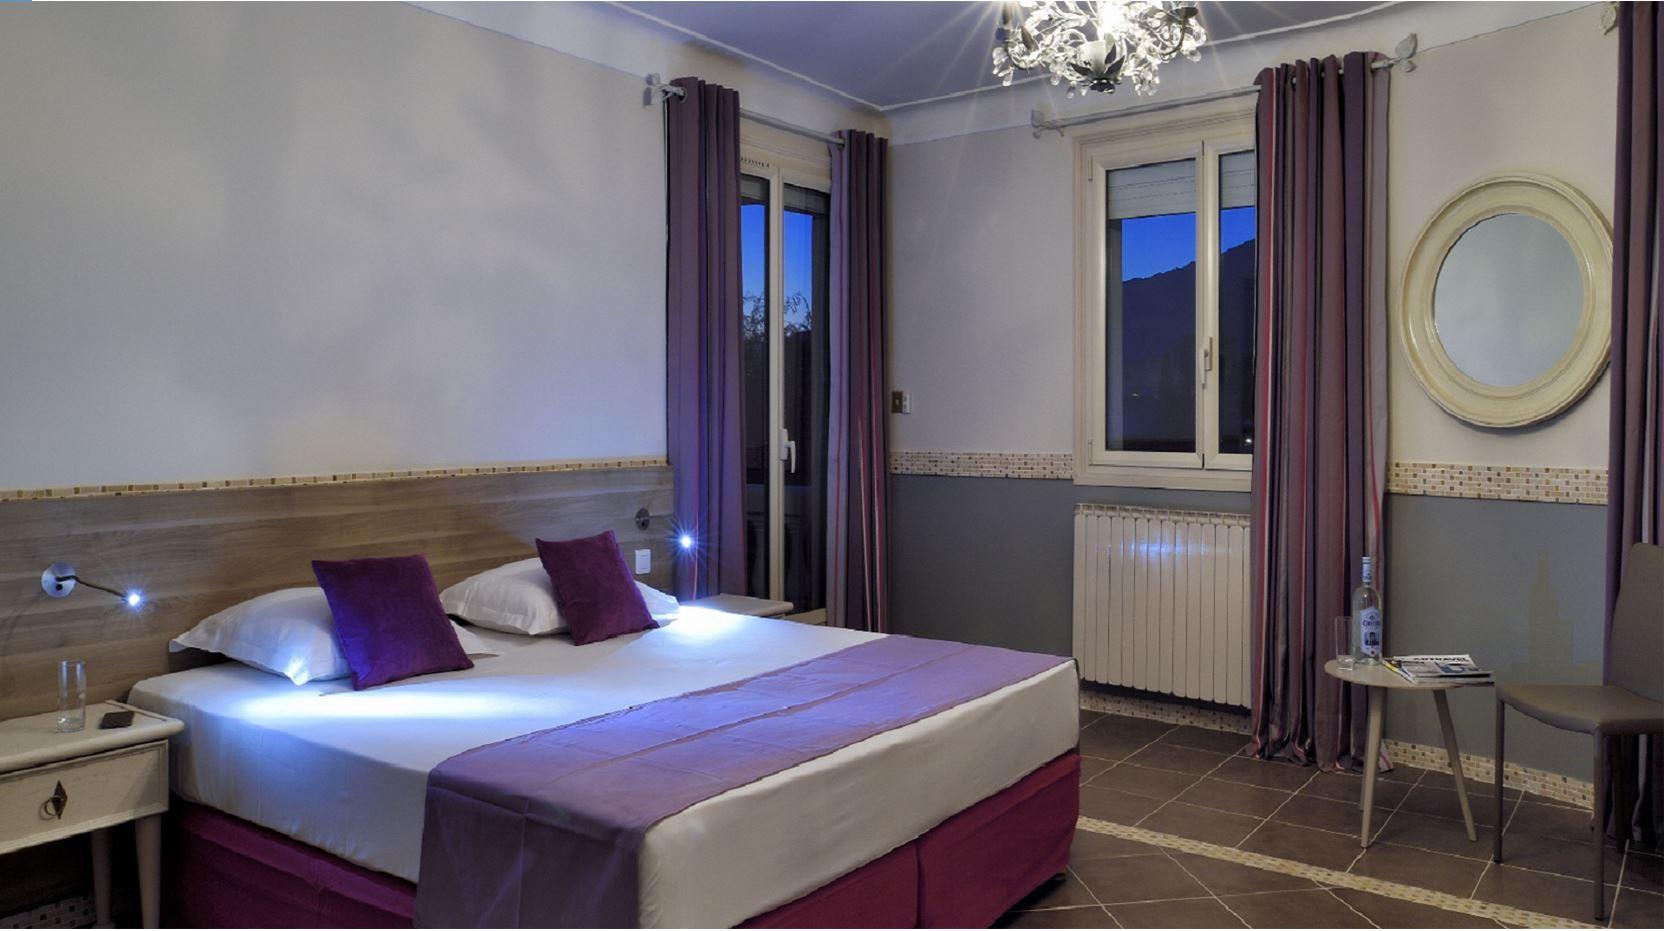 hotel-barticcia-propriano-incentive-chambre-corse-du-sud-seminaires-de-caractere